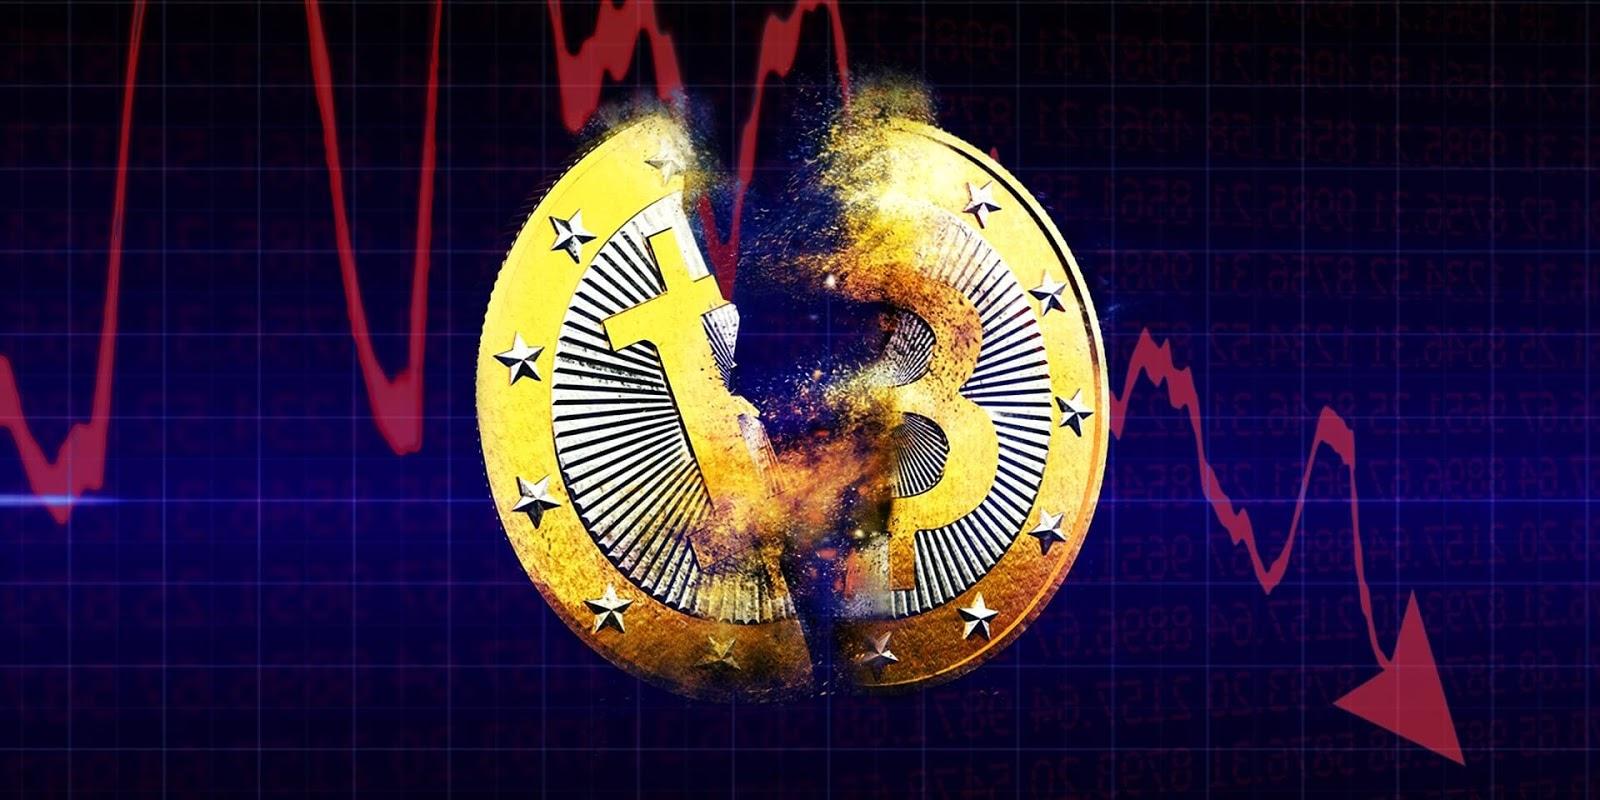 دراسة: الانقسامات الكلية تشكّل تهديدًا لاستقرار العملات المشفرة